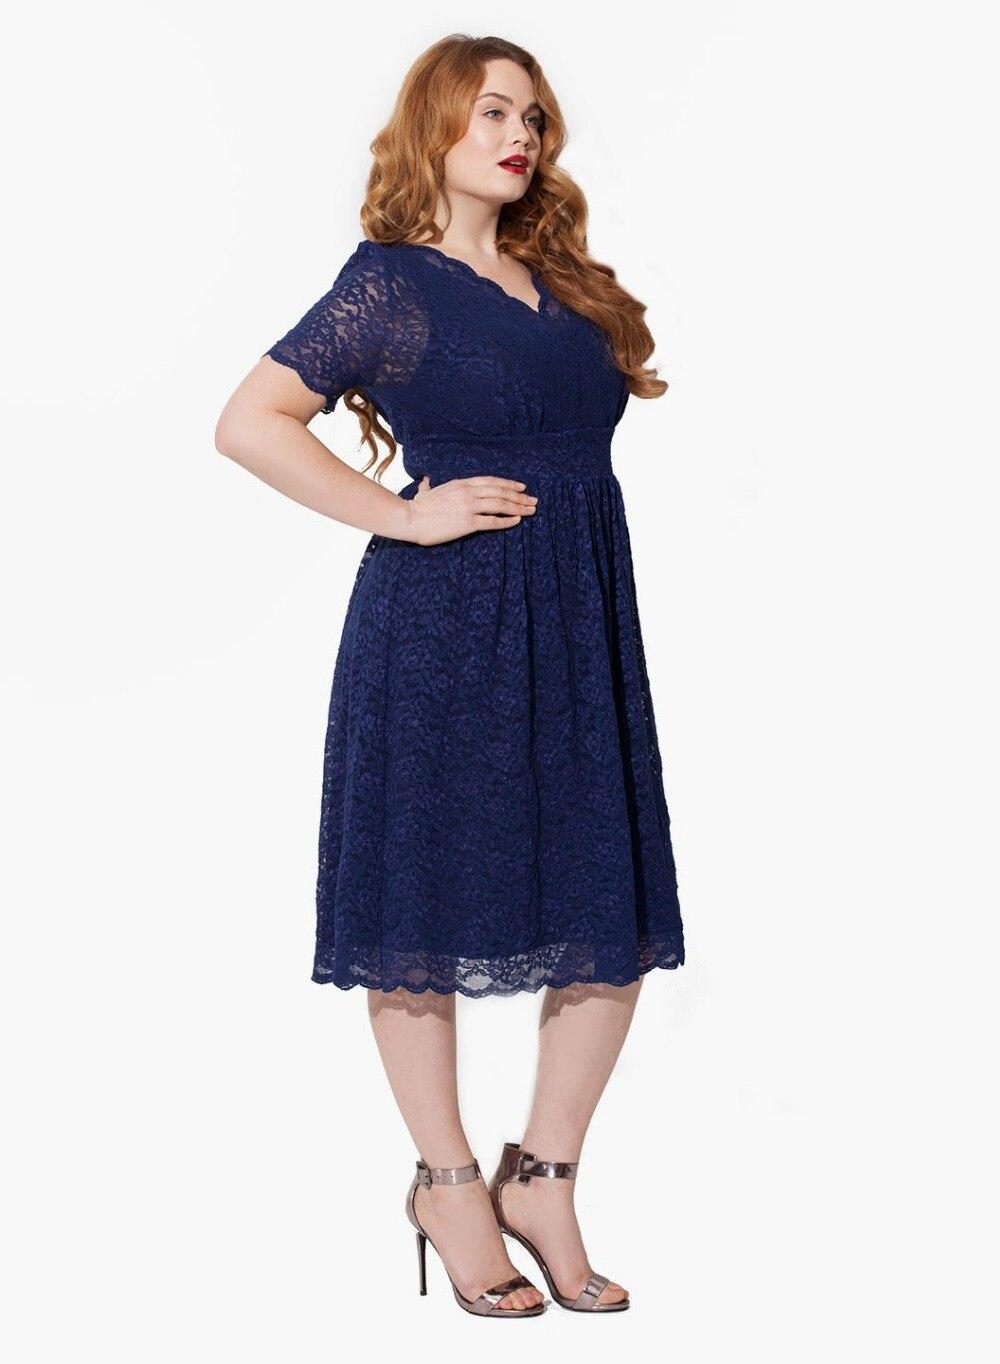 Dresses for Obese Women_Other dresses_dressesss